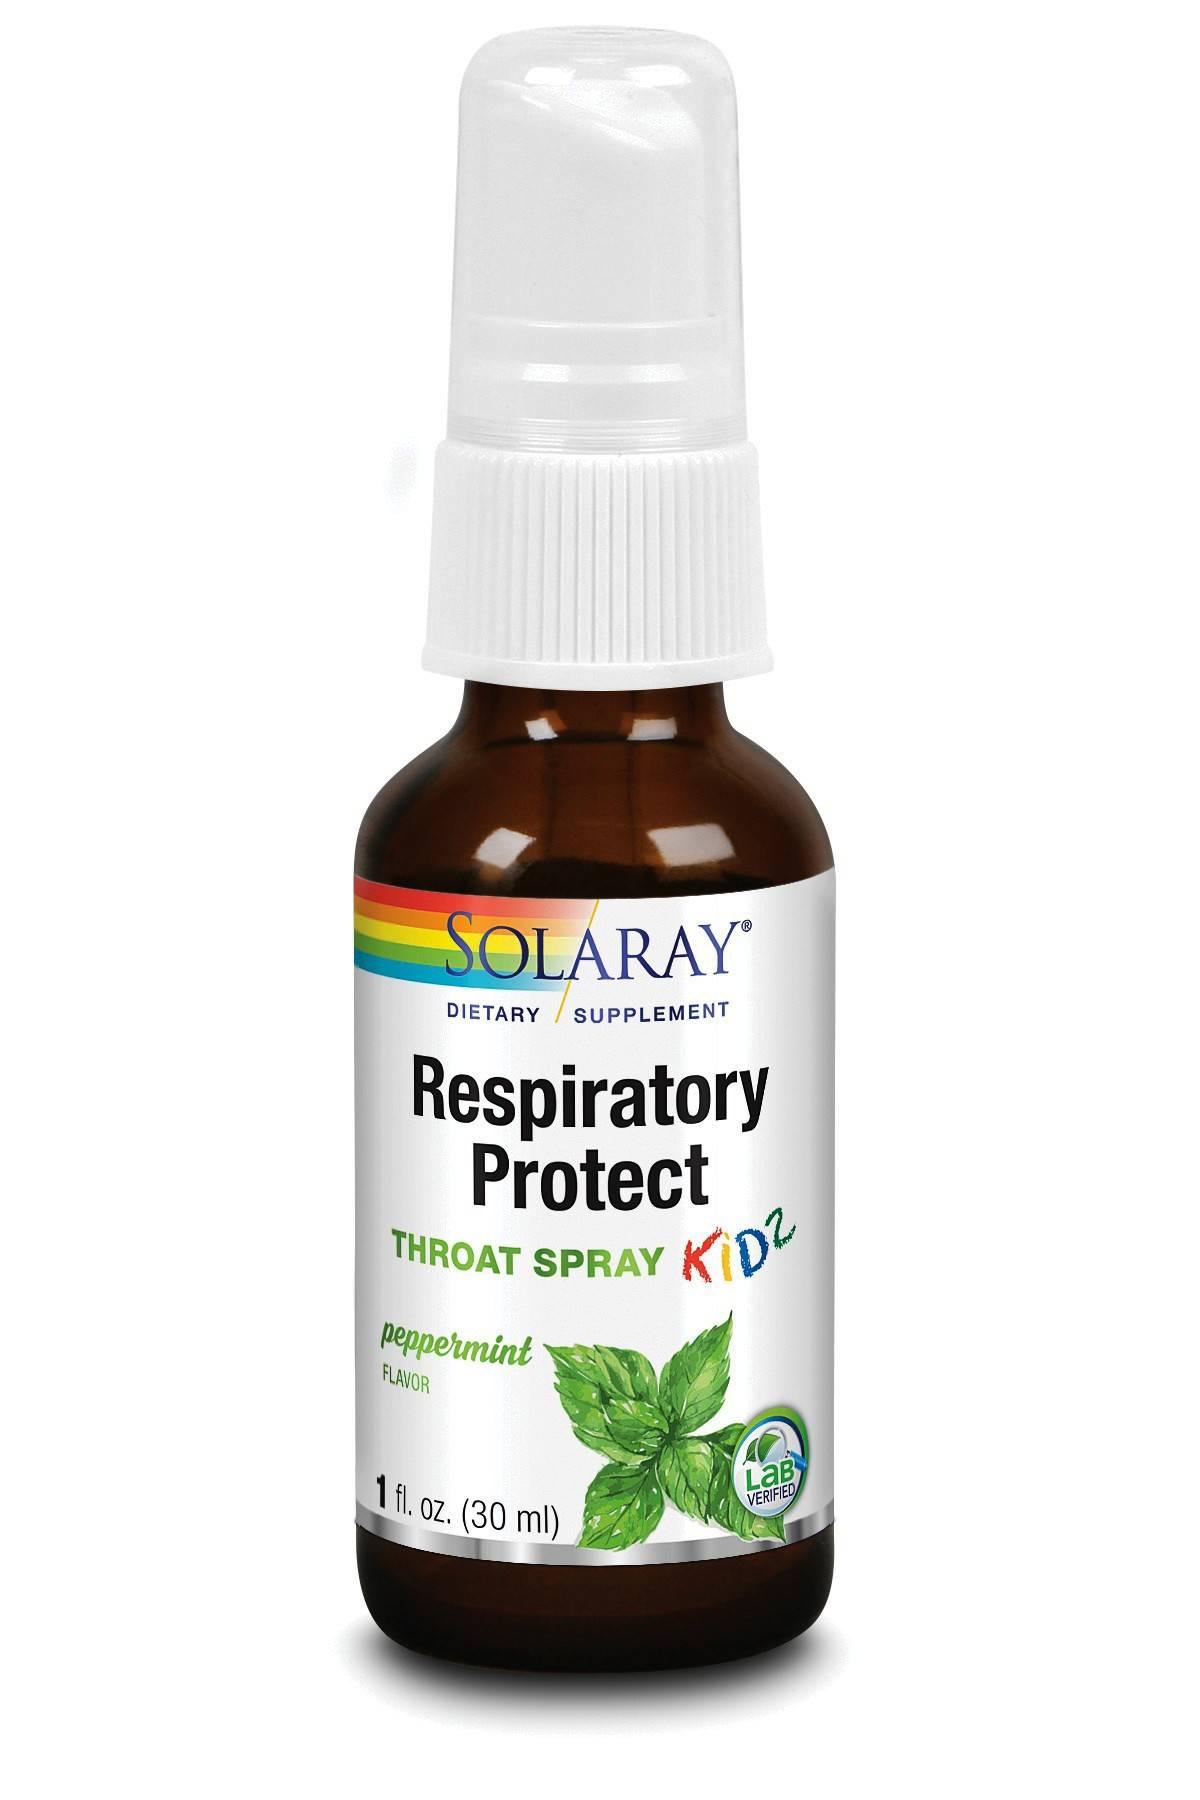 Respiratory Protect Throat Spray KIDZ 30ml